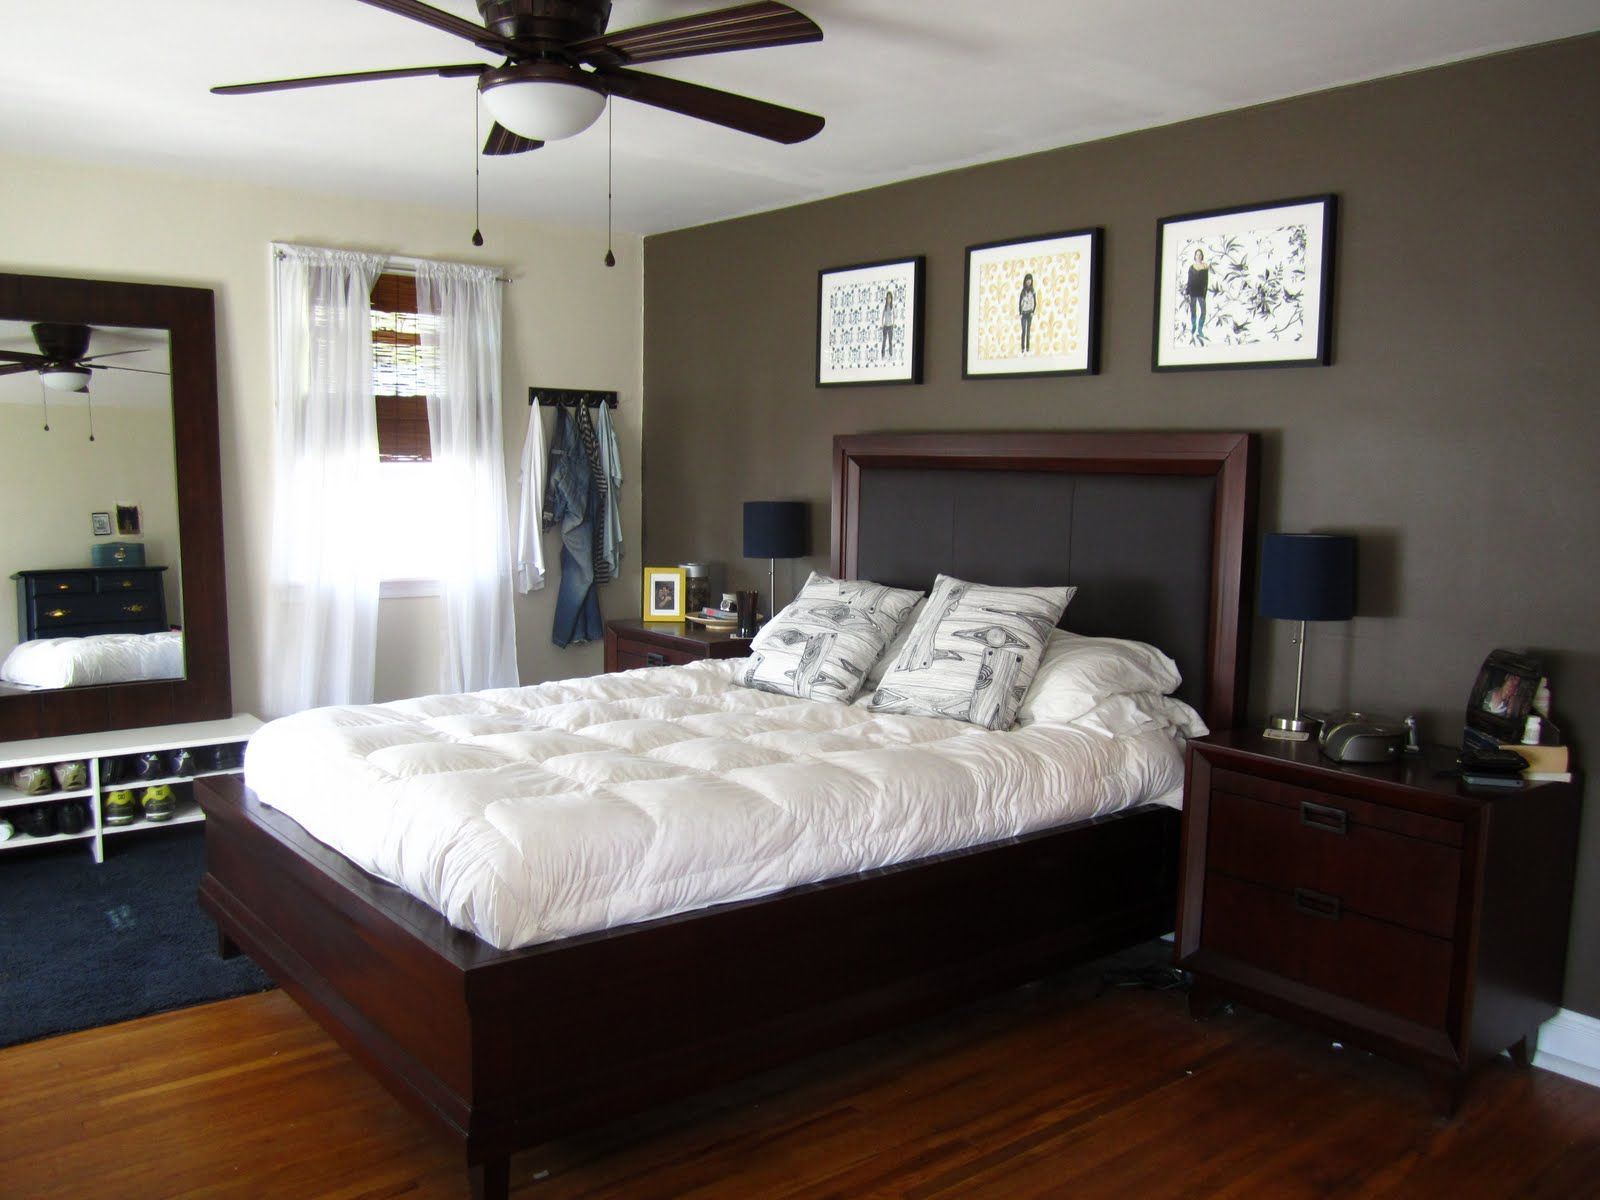 Sherwin Williams Urbane Bronze   BEDROOM   Pinterest   Bedrooms, Green accent walls and Bedroom ...